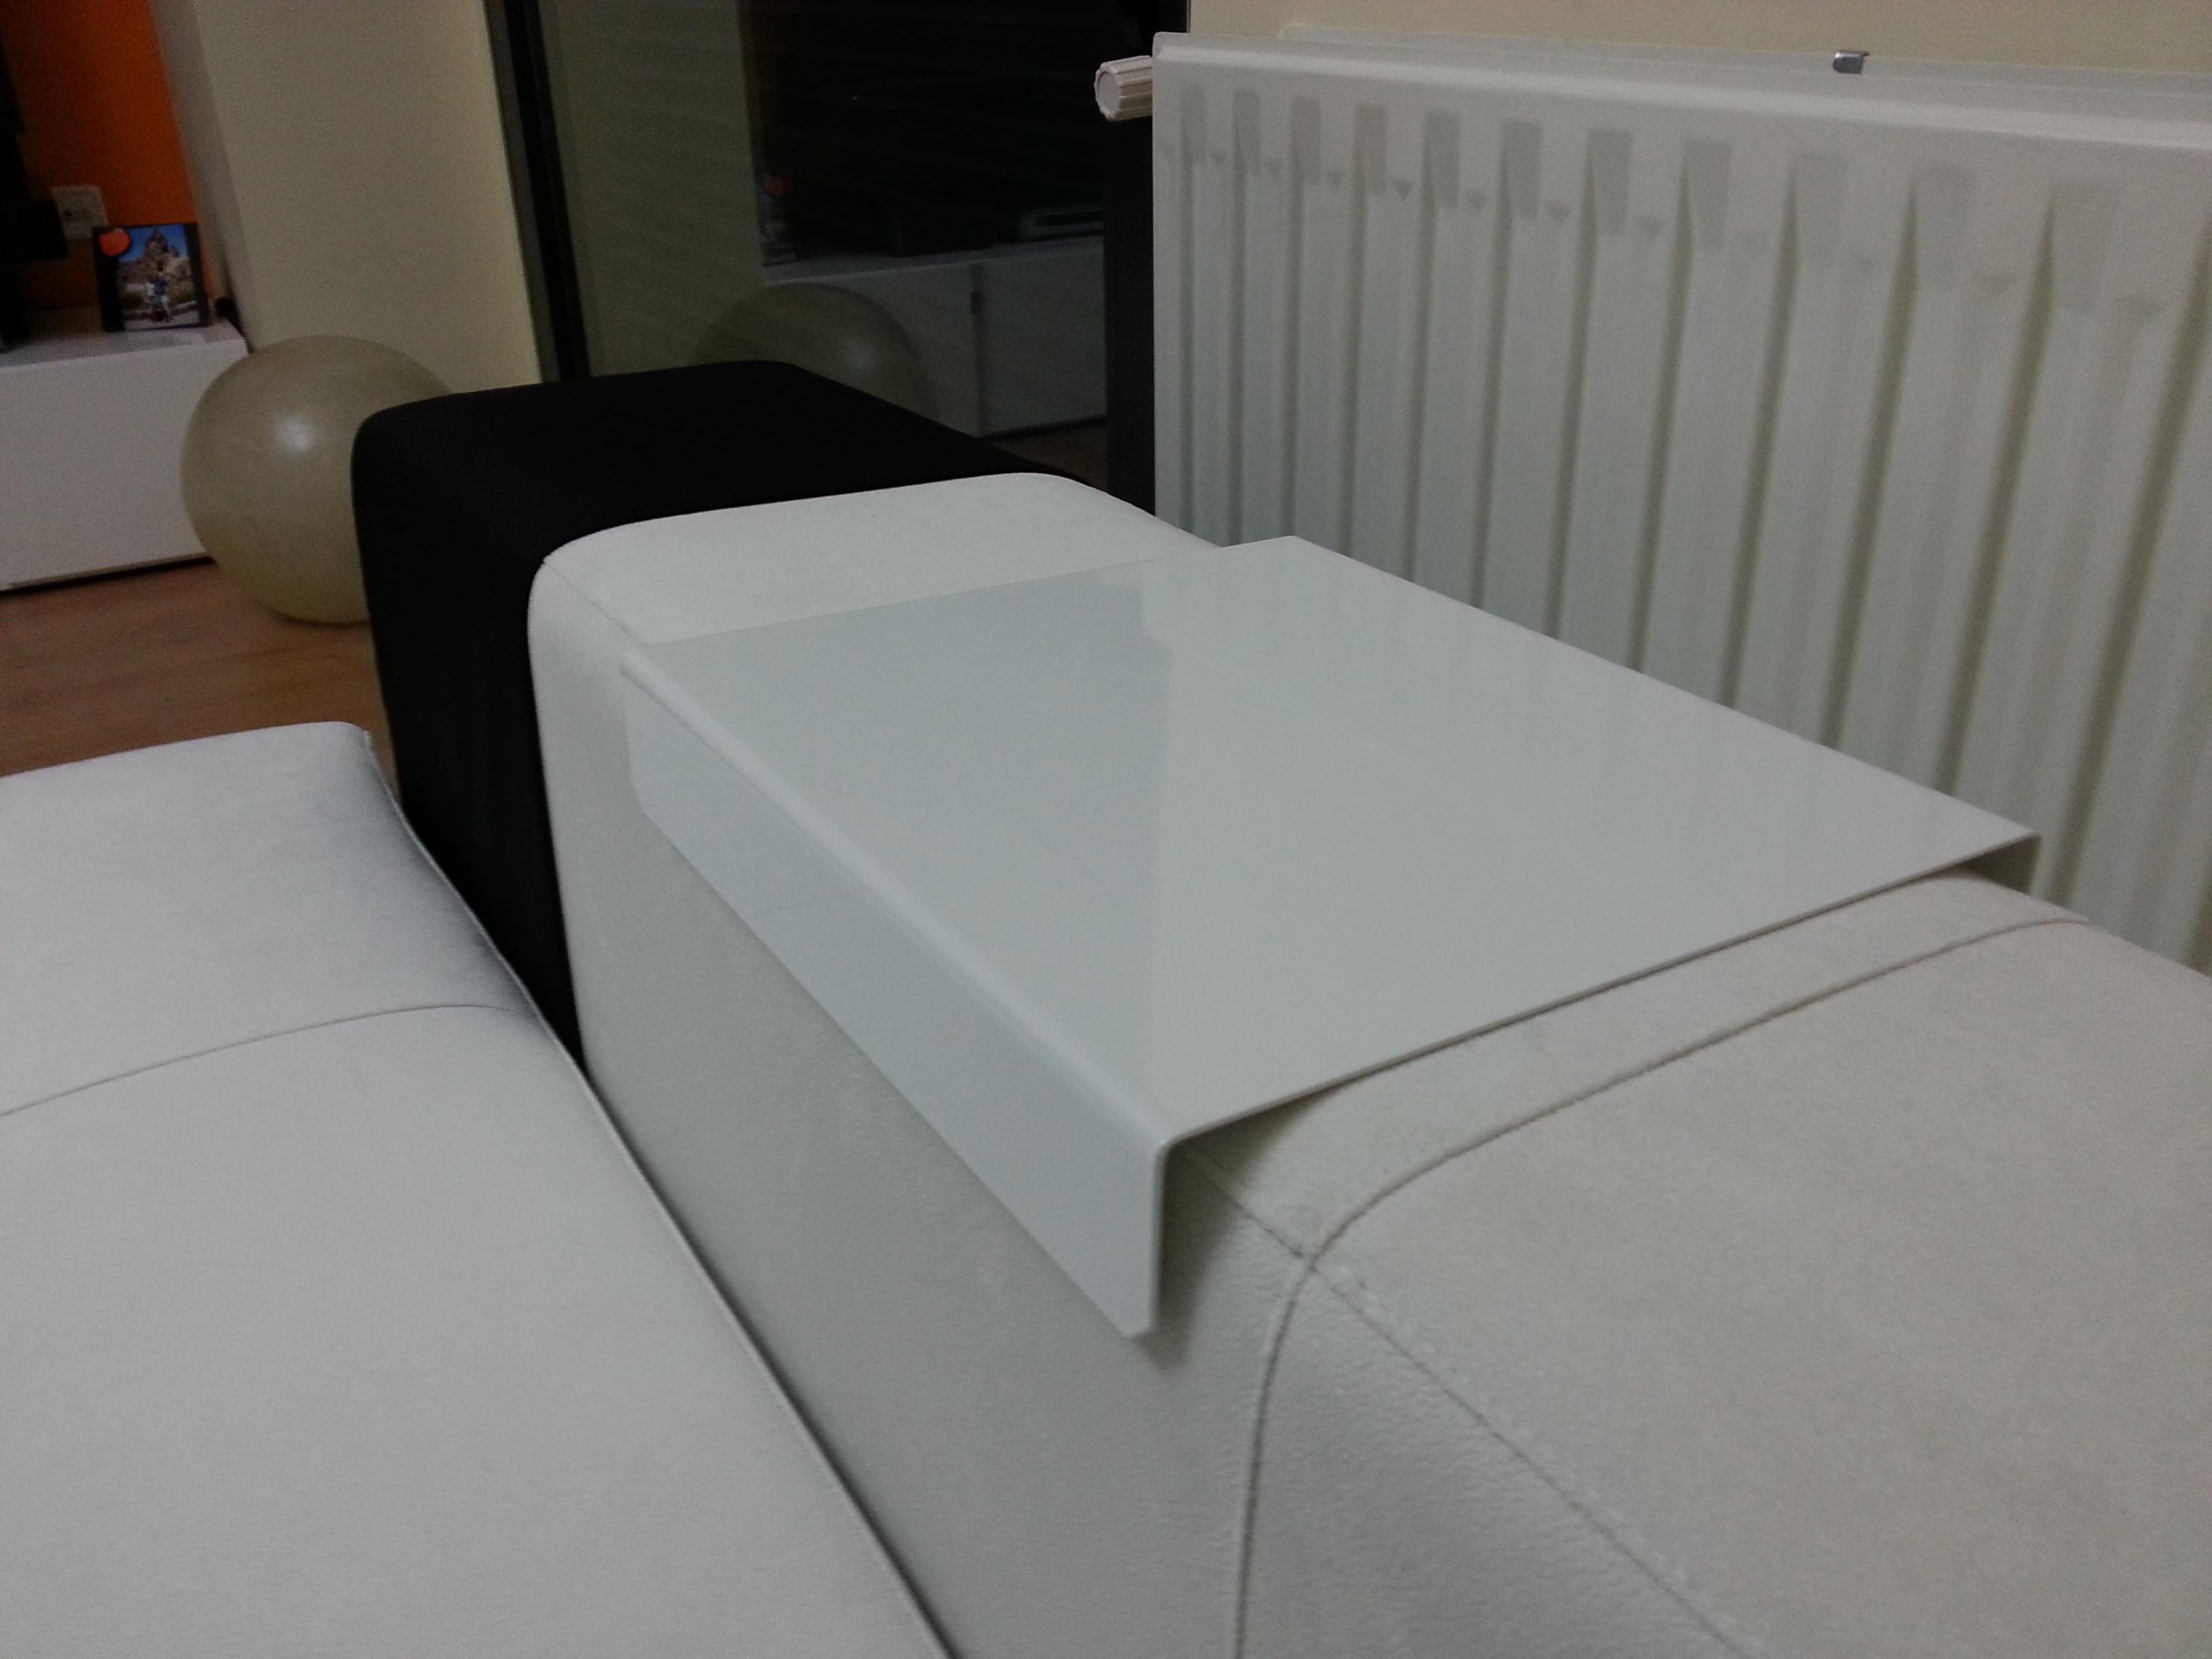 Reposabrazos sofa Mndw Bandeja Para El sofà Rcdiseà O